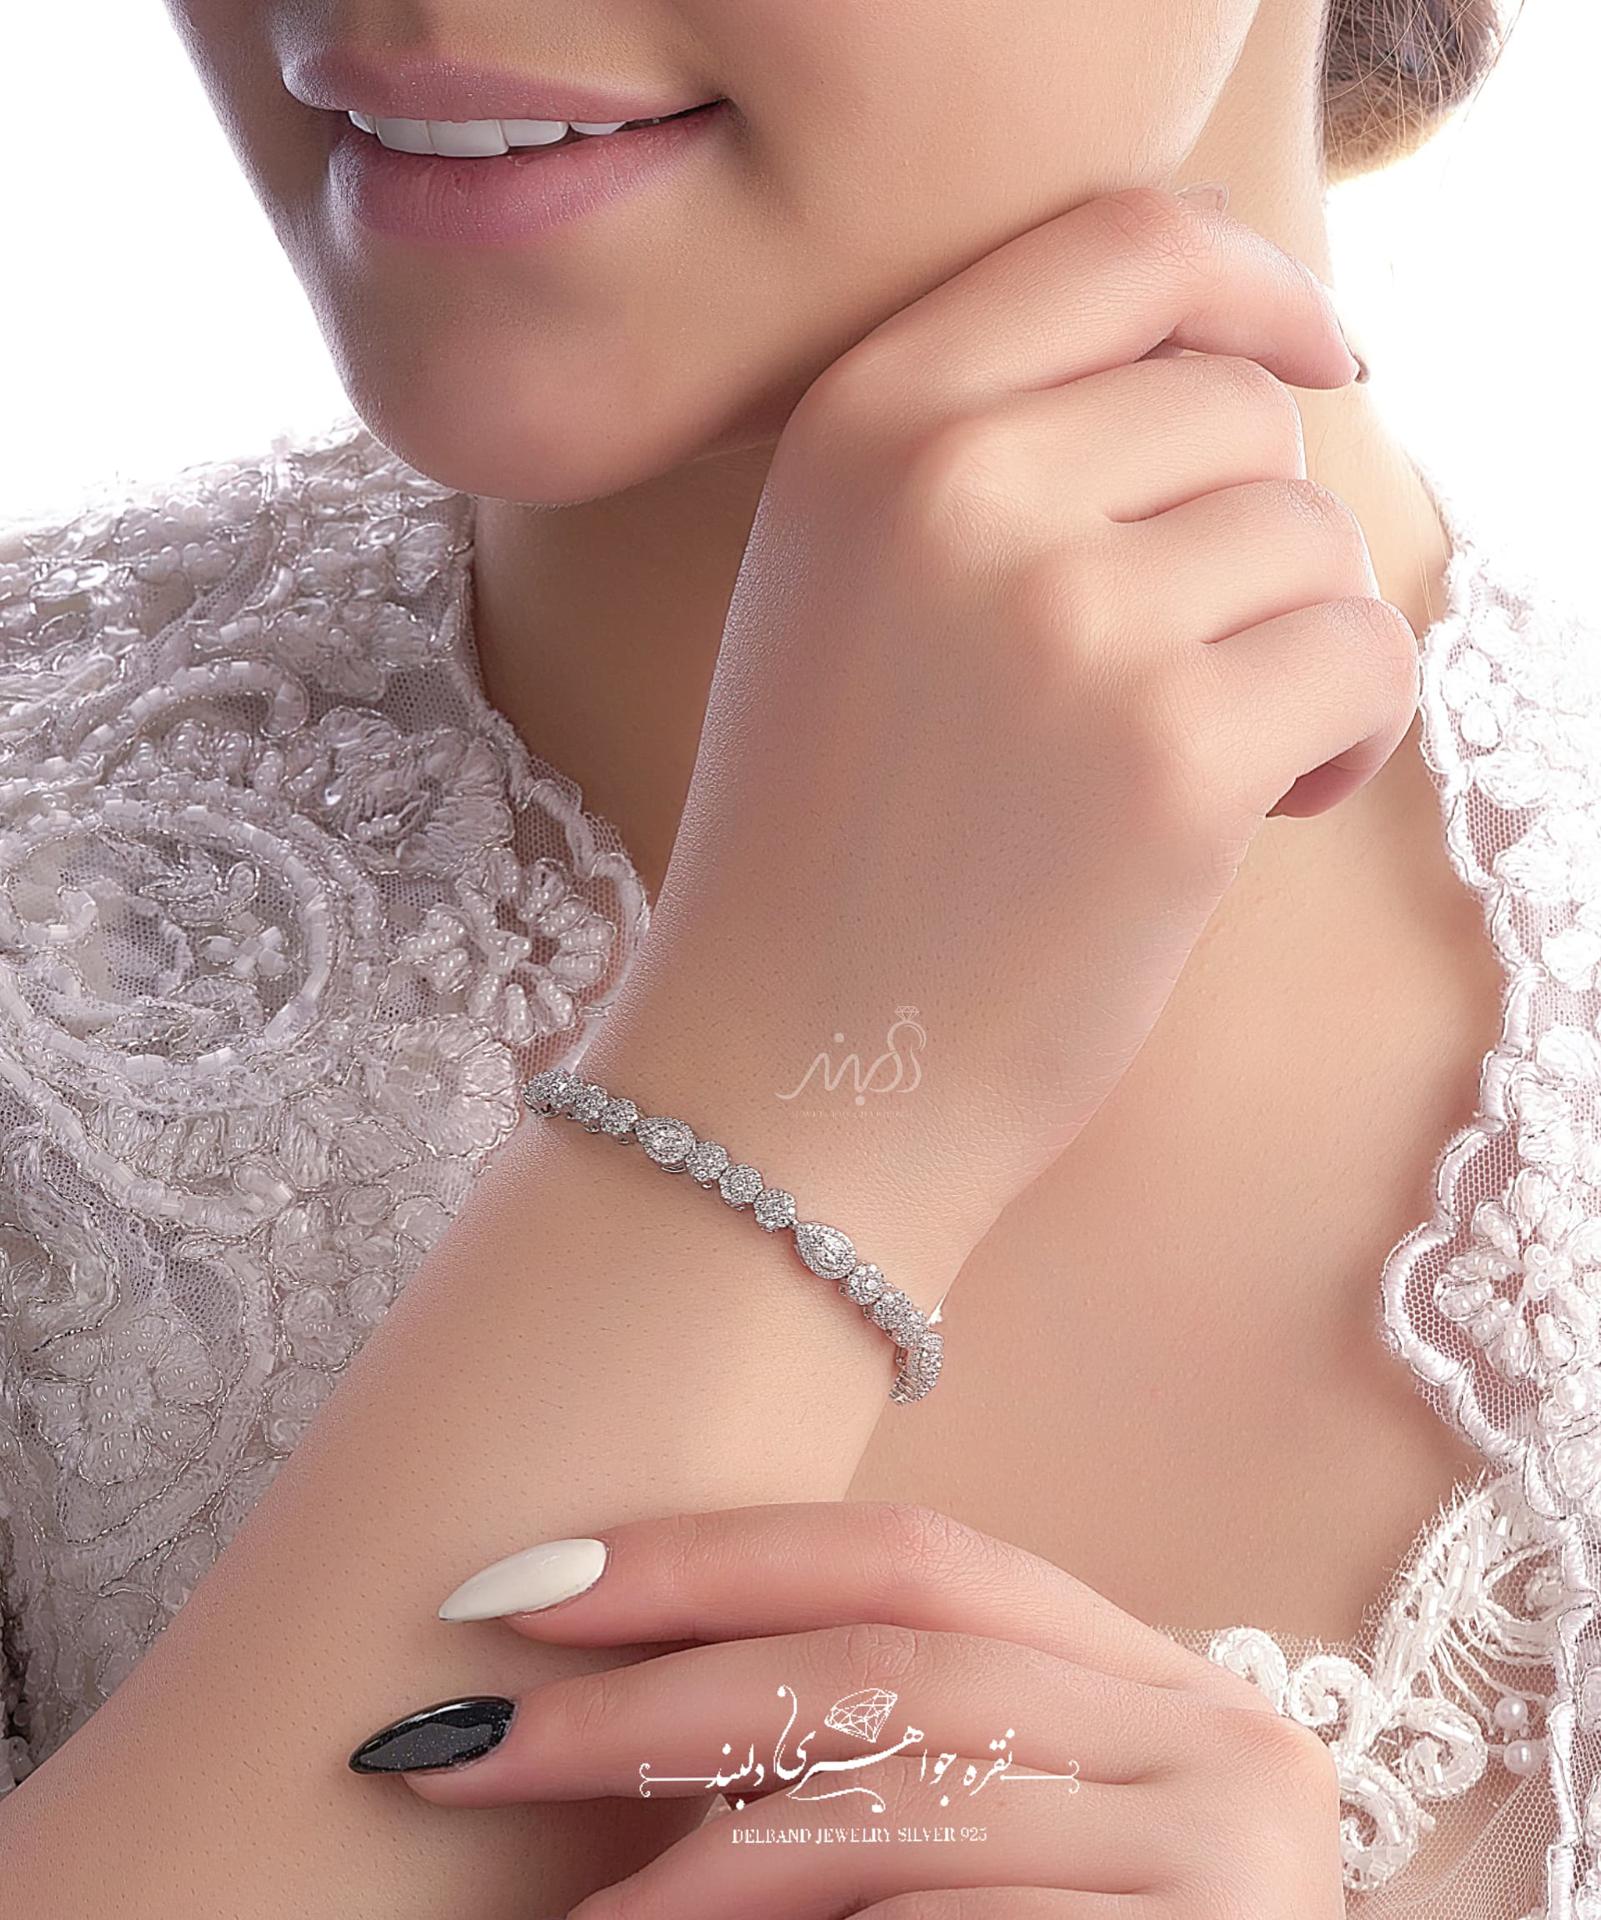 💍دستبند جواهری با طراحی زیبا ، نقره عیار ۹۲۵ با روکش طلا سفید و قفل جواهری(D_7029)